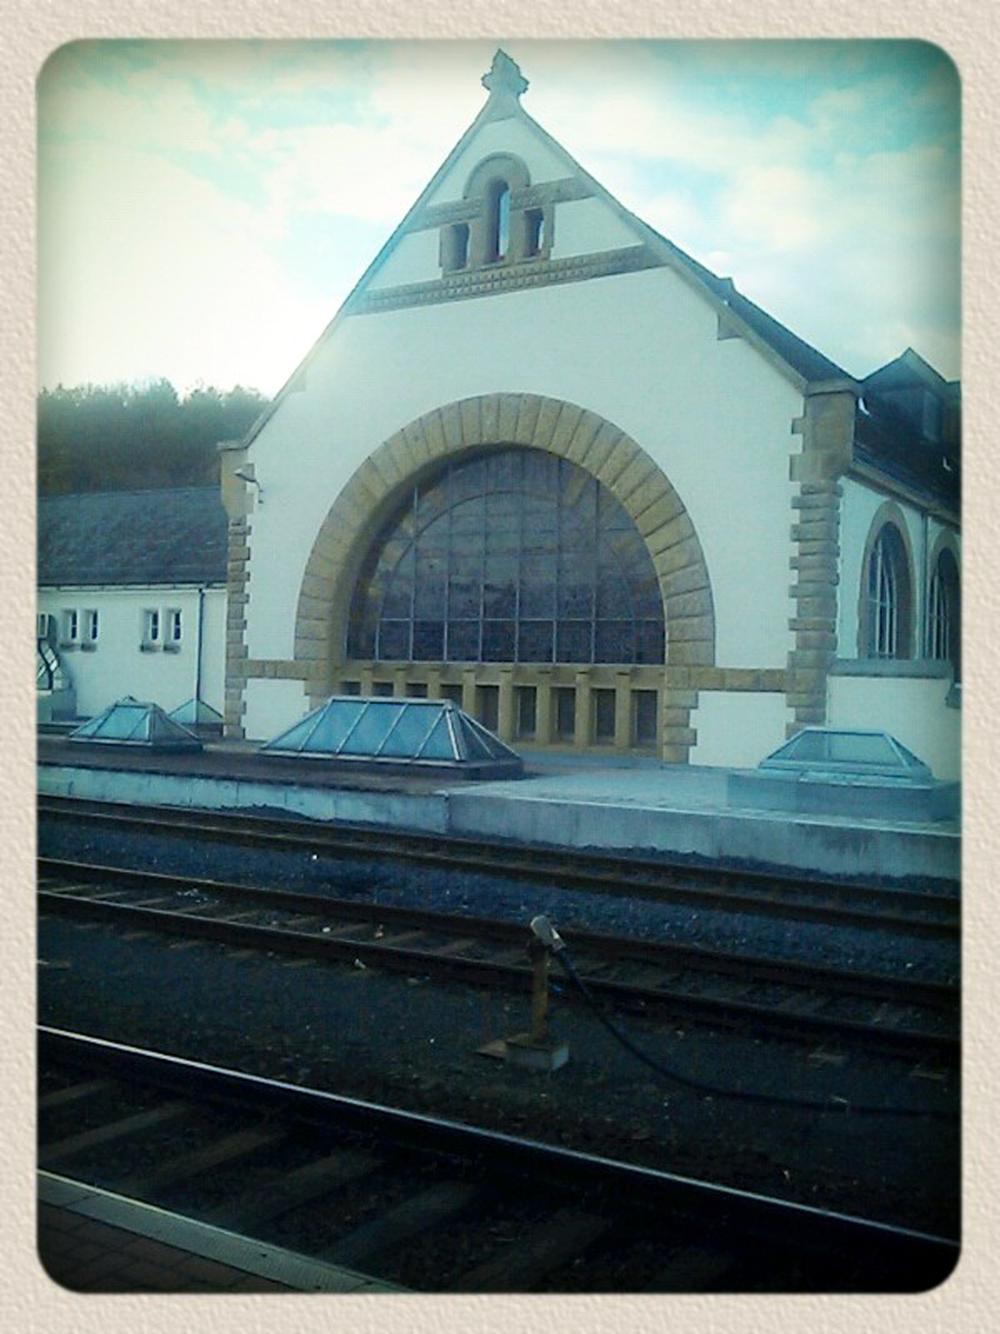 eisenach-bahnhof (2).jpg